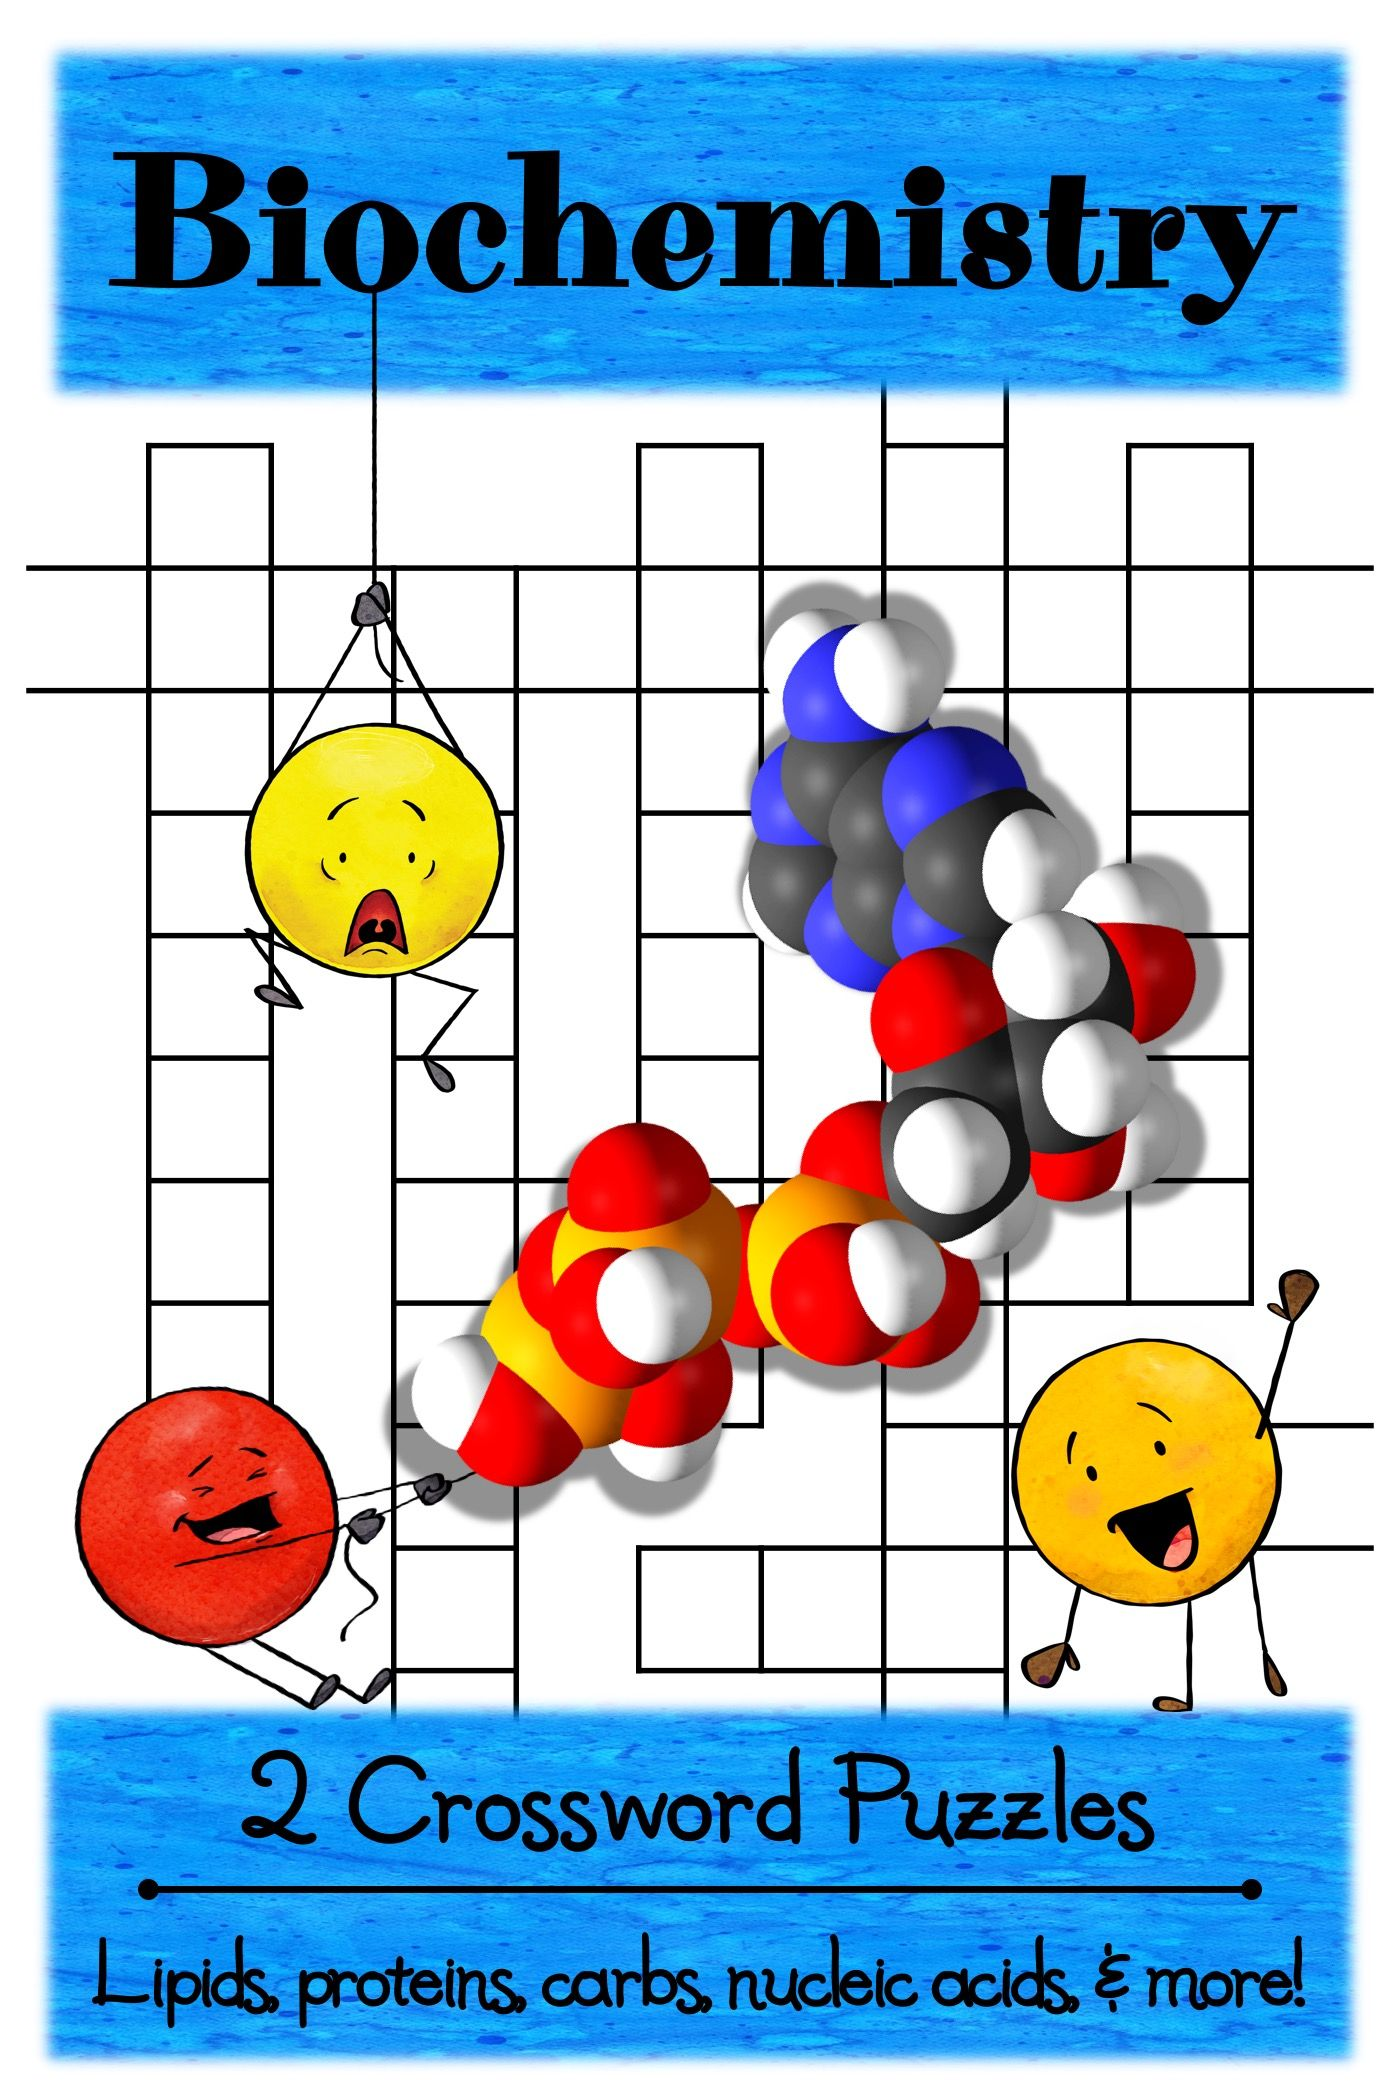 2 Biochemistry Crossword Puzzles Activities In